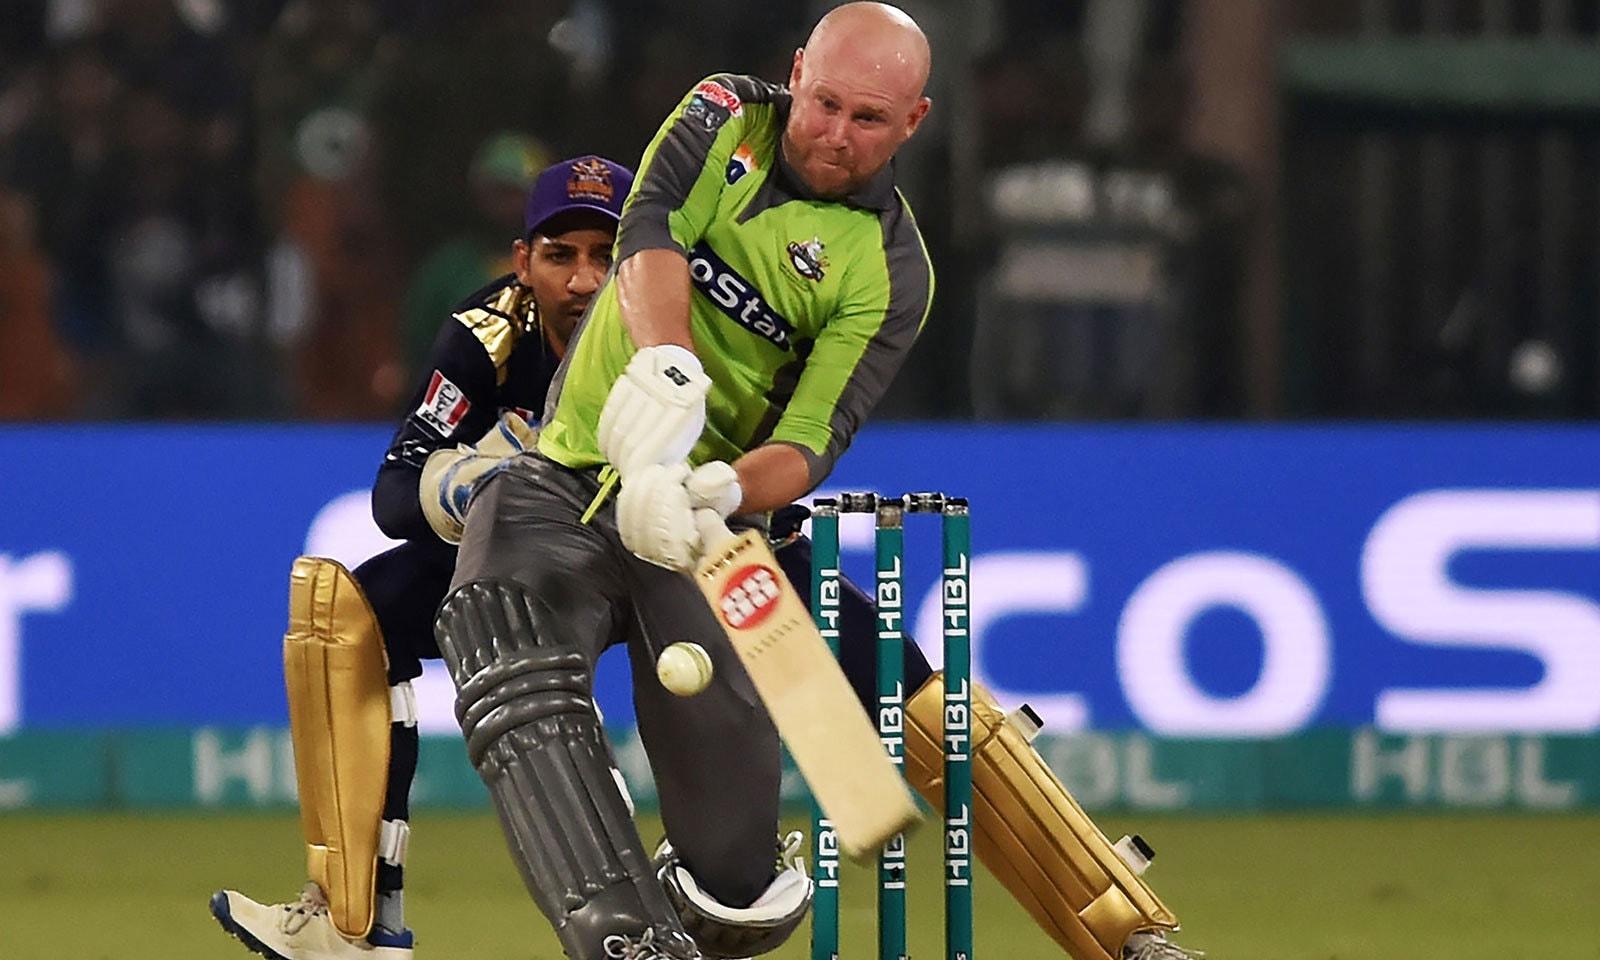 لاہور کے بین ڈینک نے شان دار 93 رنز بنائے اور ٹیم کو فتح دلائی—فوٹو: اے ایف پی